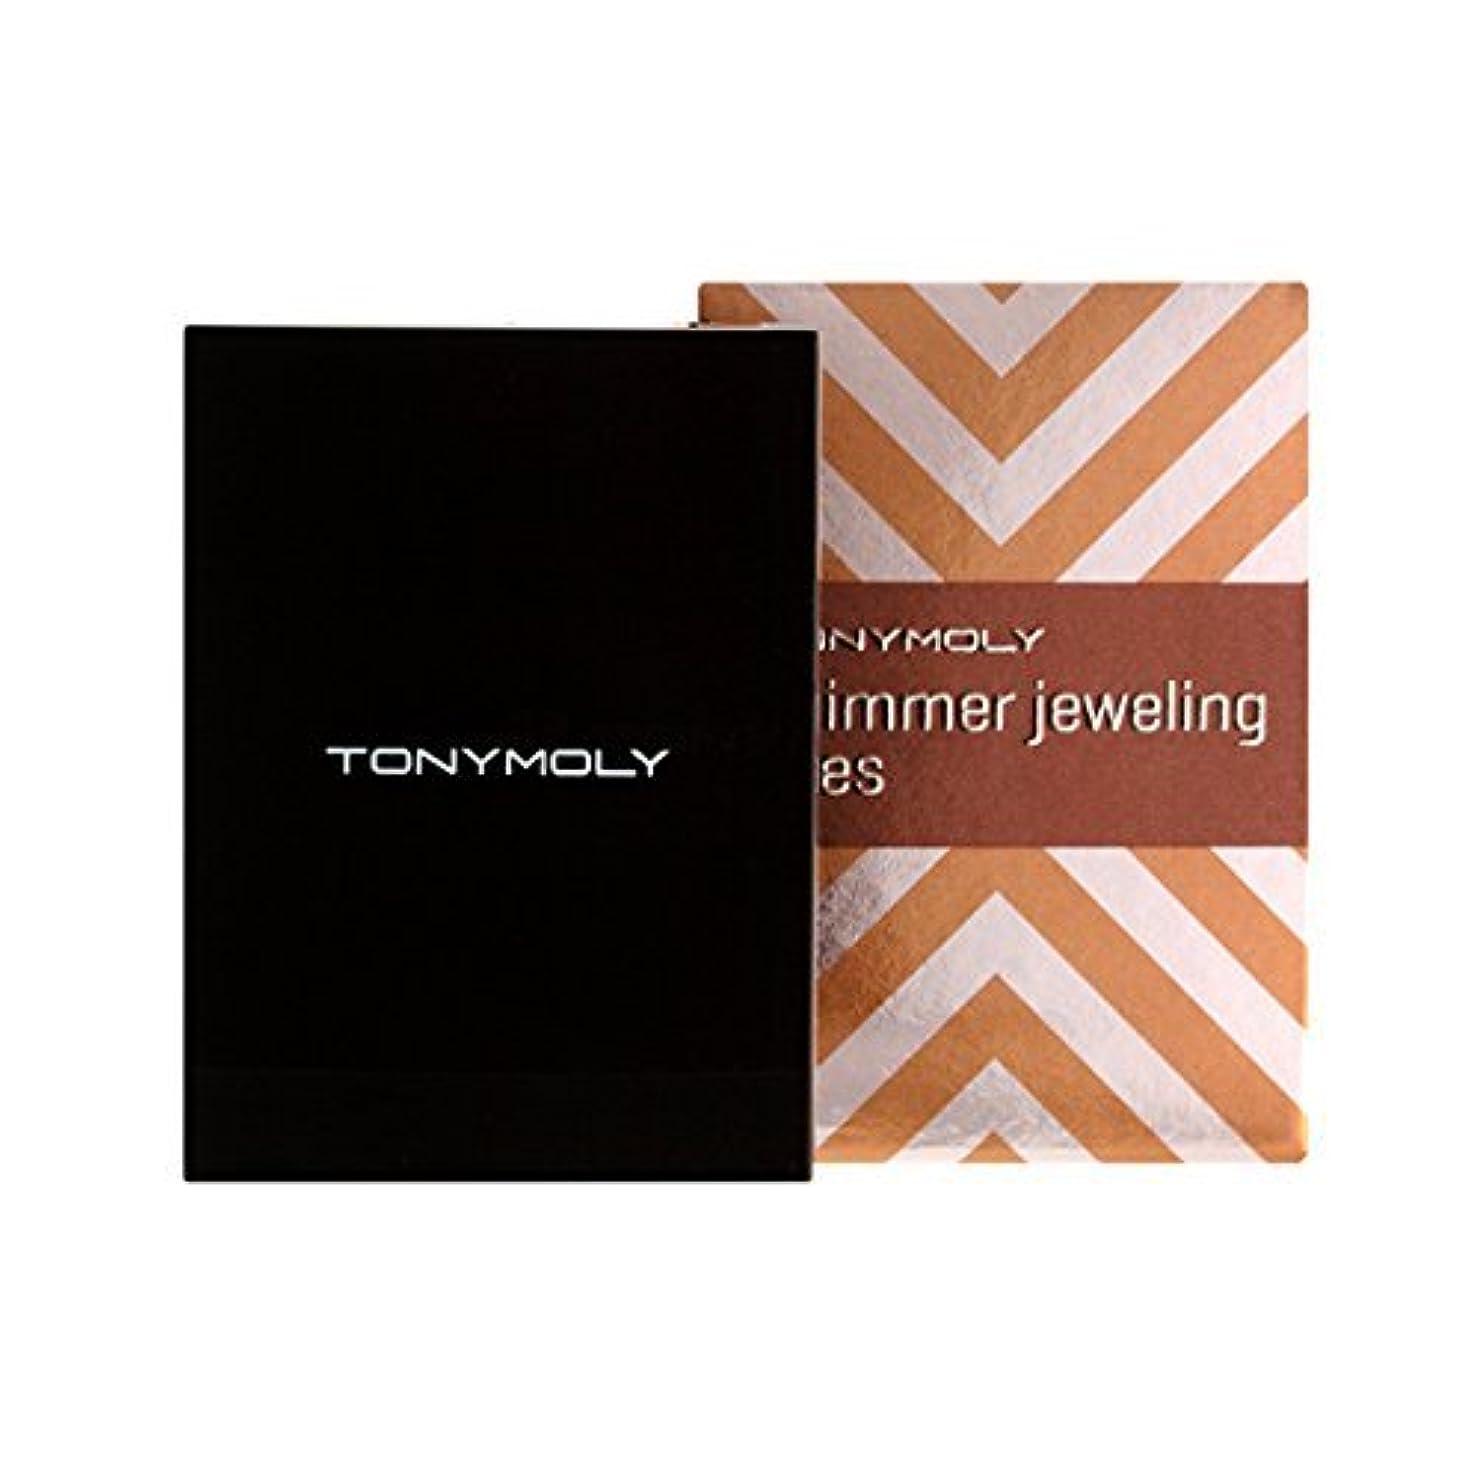 体細胞憎しみスズメバチ[Tonymoly] トニーモリ Shimmer Jeweling Eyes 2.7g #01 Gold Jeweling by TONYMOLY